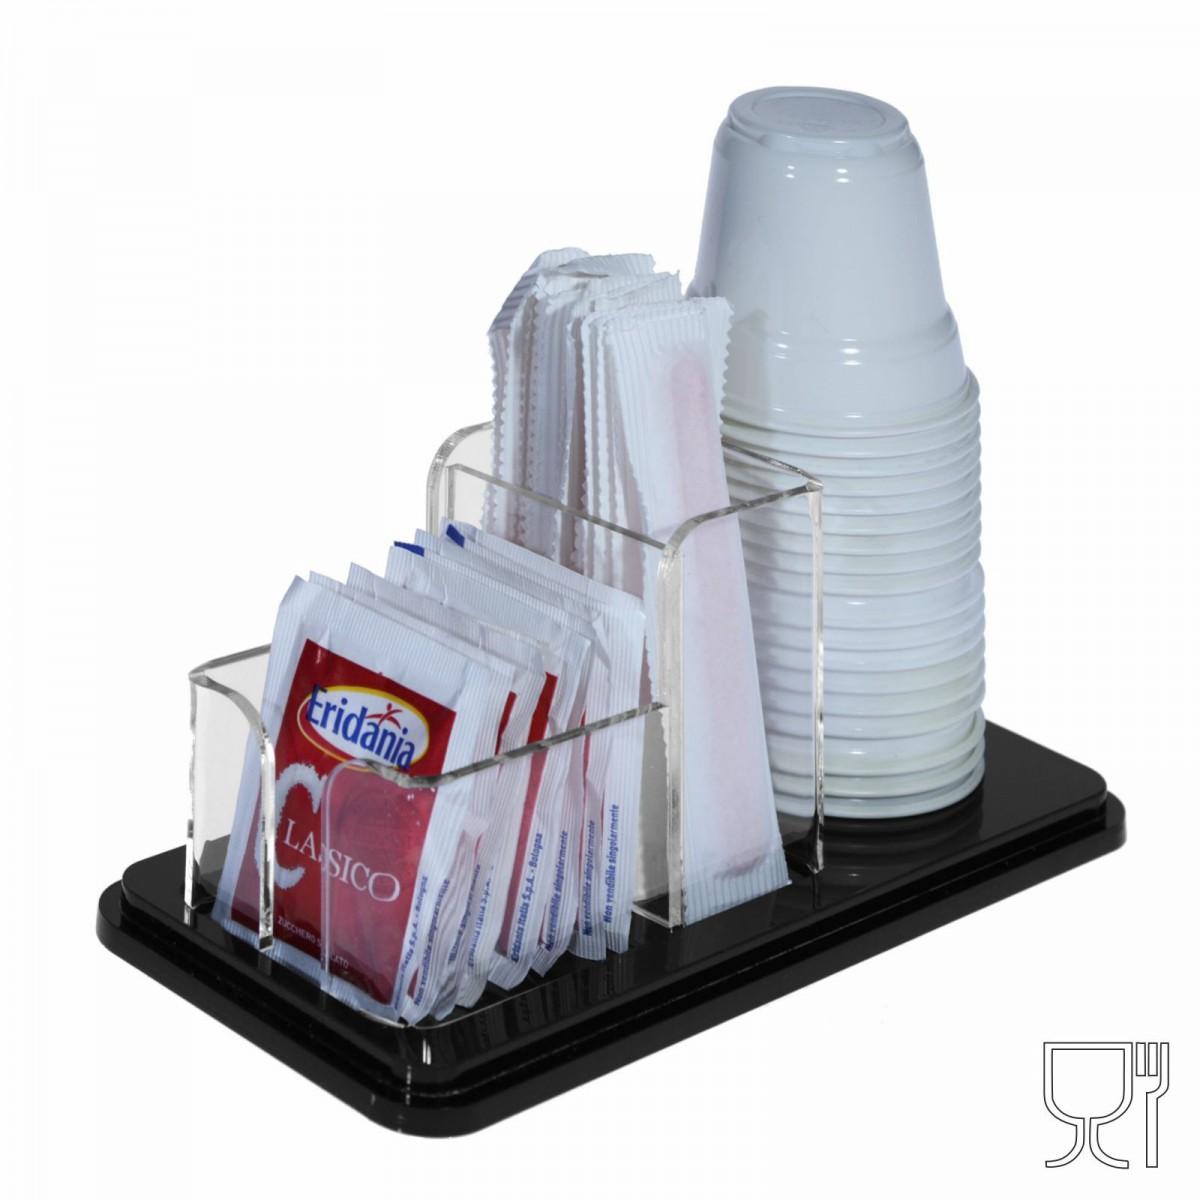 E-228 POB-L - Porta bustine zucchero, palette e bichieri in Plexiglass nero e trasparente a 3 postazioni - CM(LxPxH): 18x8.5x7